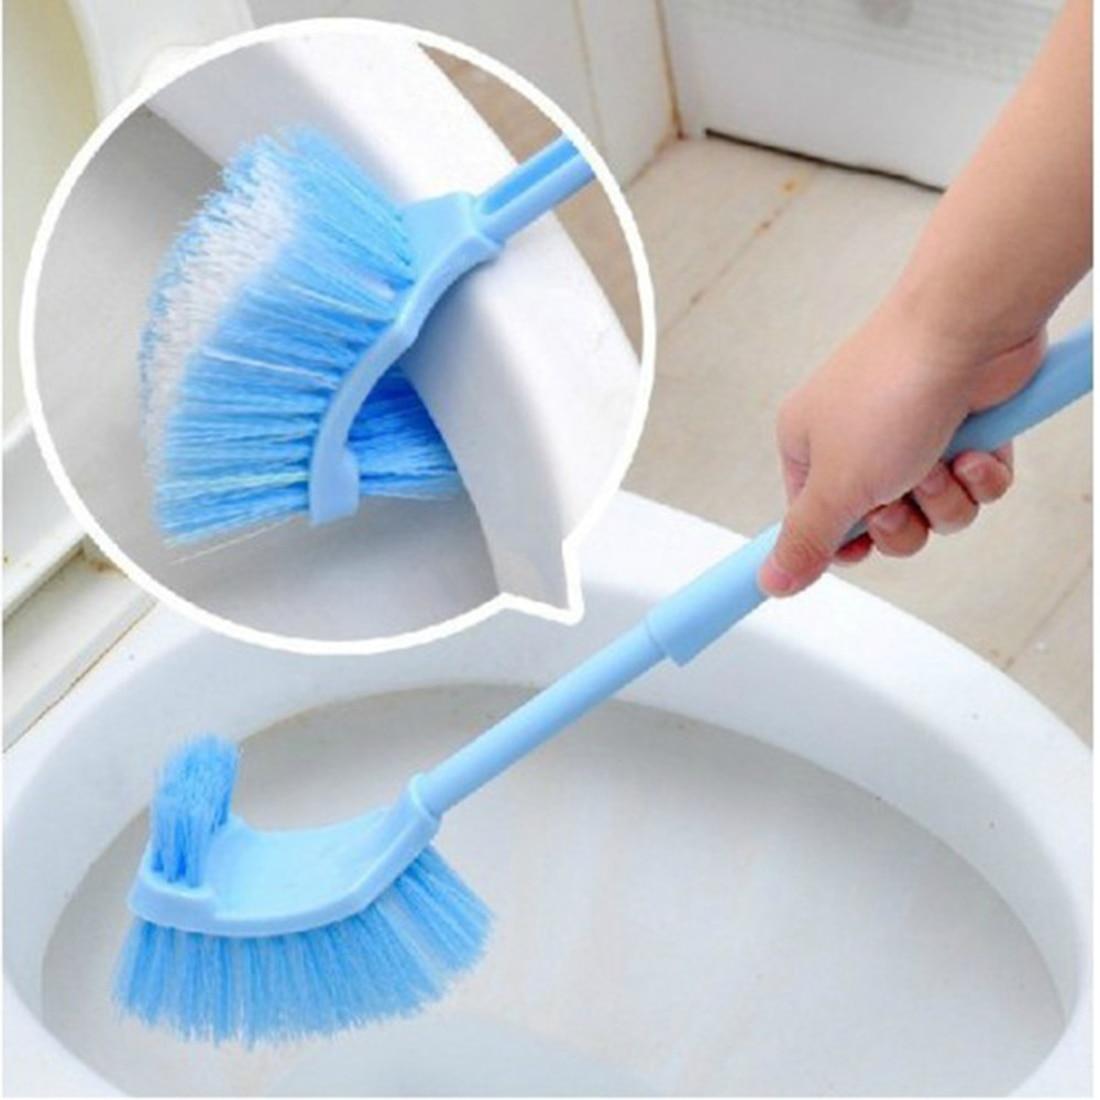 Полезная портативная щетка для унитаза пластиковая длинная ручка для ванной унитаз Скраб Двухсторонняя щетка для чистки